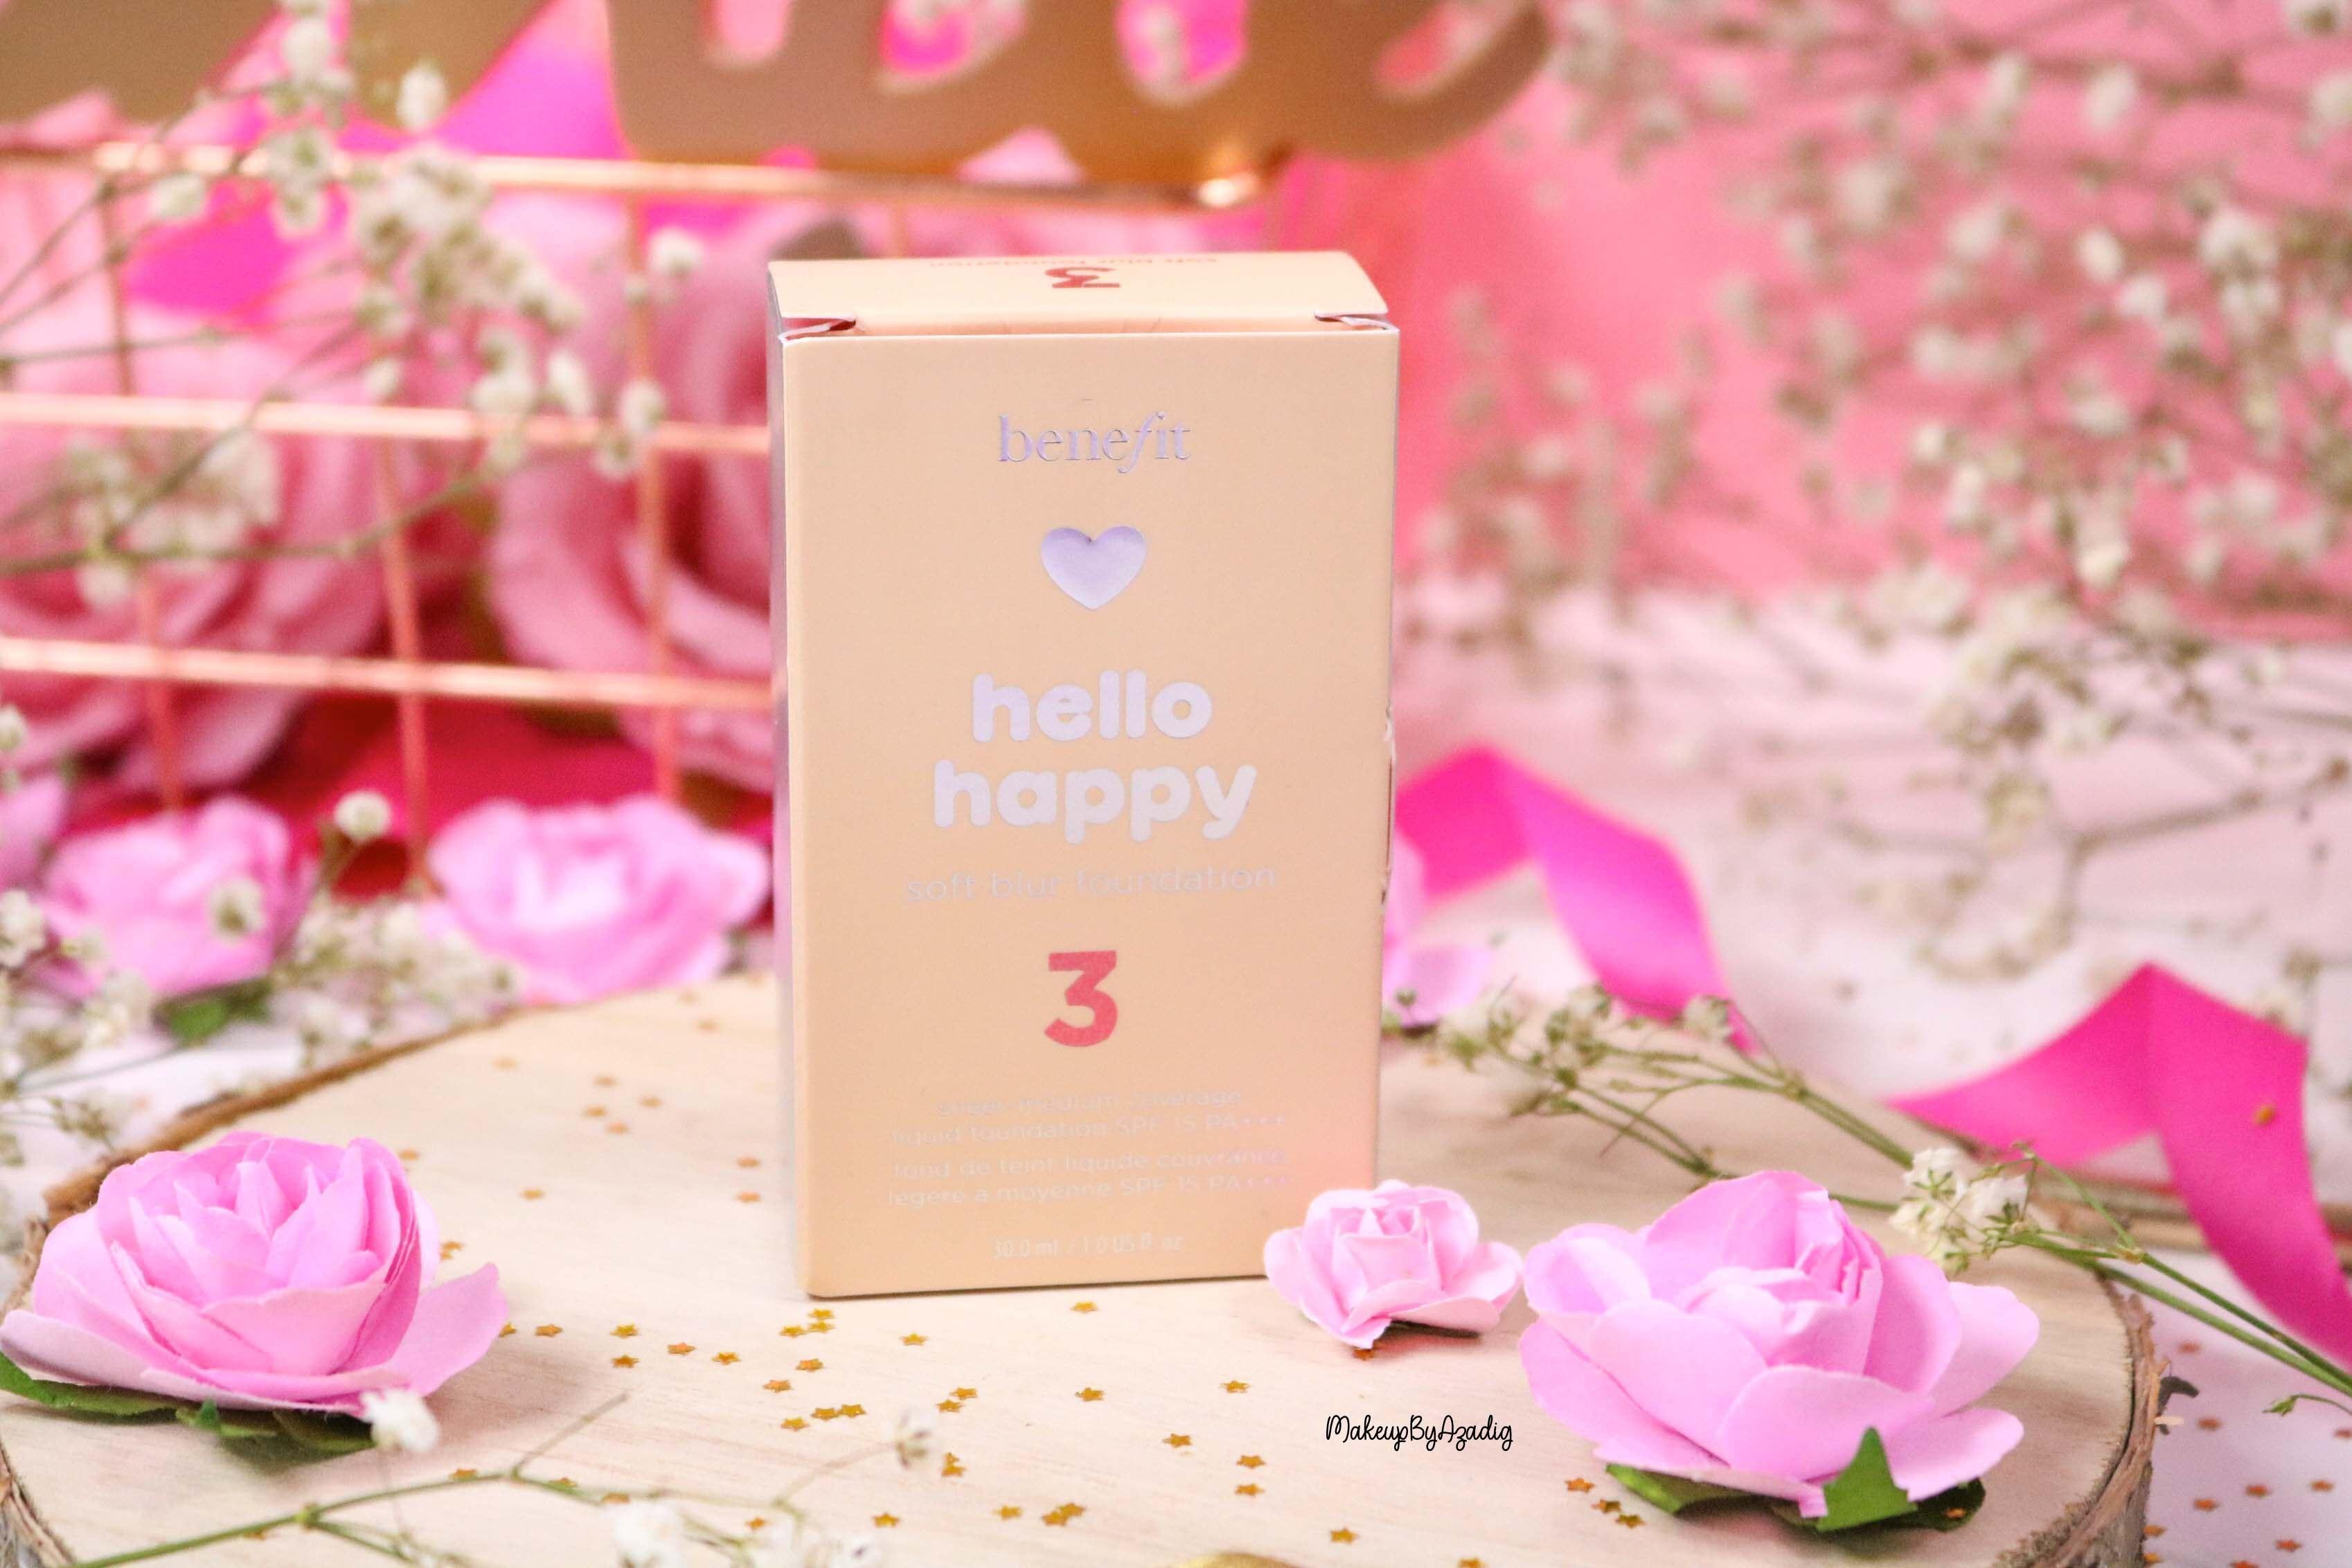 revue-nouveau-fond-de-teint-hello-happy-benefit-sephora-prix-avis-teintes-makeupbyazadig-3